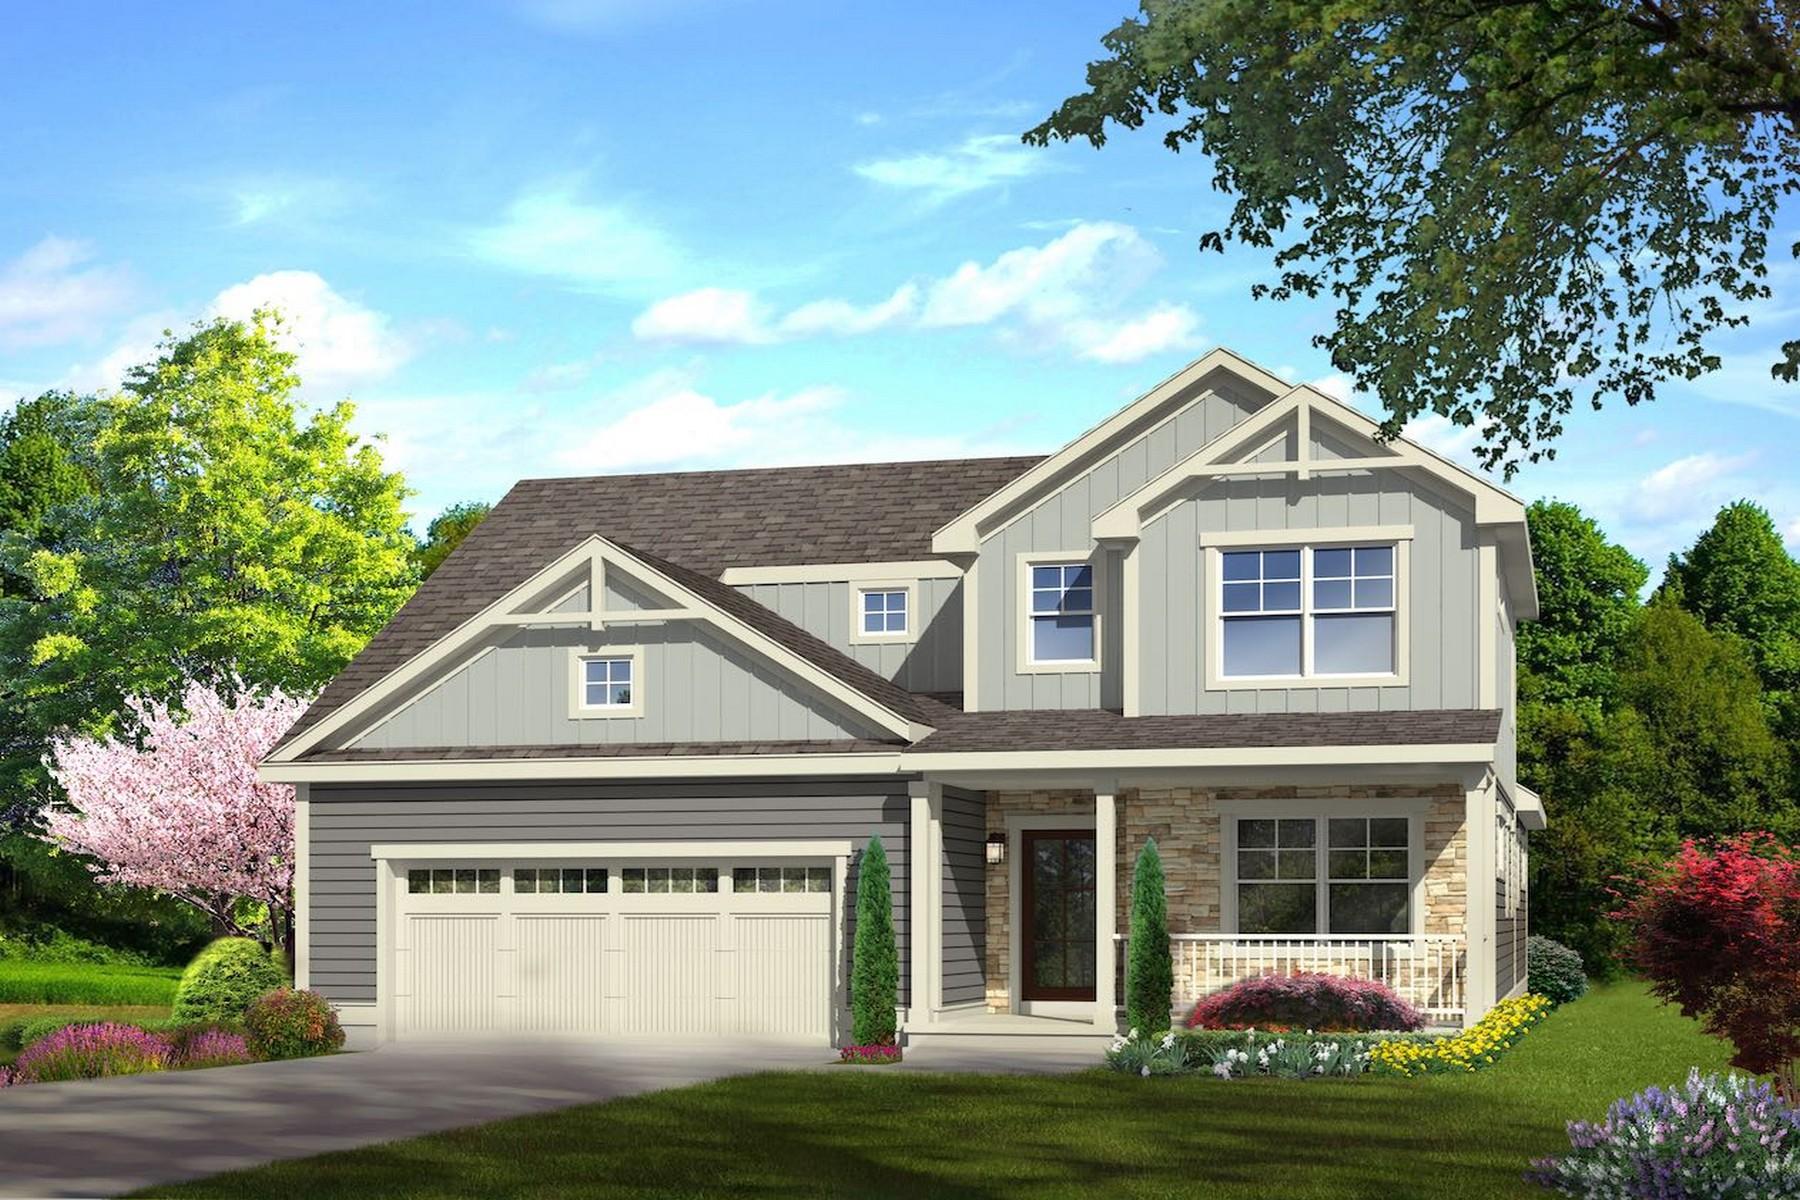 Einfamilienhaus für Verkauf beim Classic Craftsman Style Home 172 Haas Rd Schuylerville, New York 12871 Vereinigte Staaten